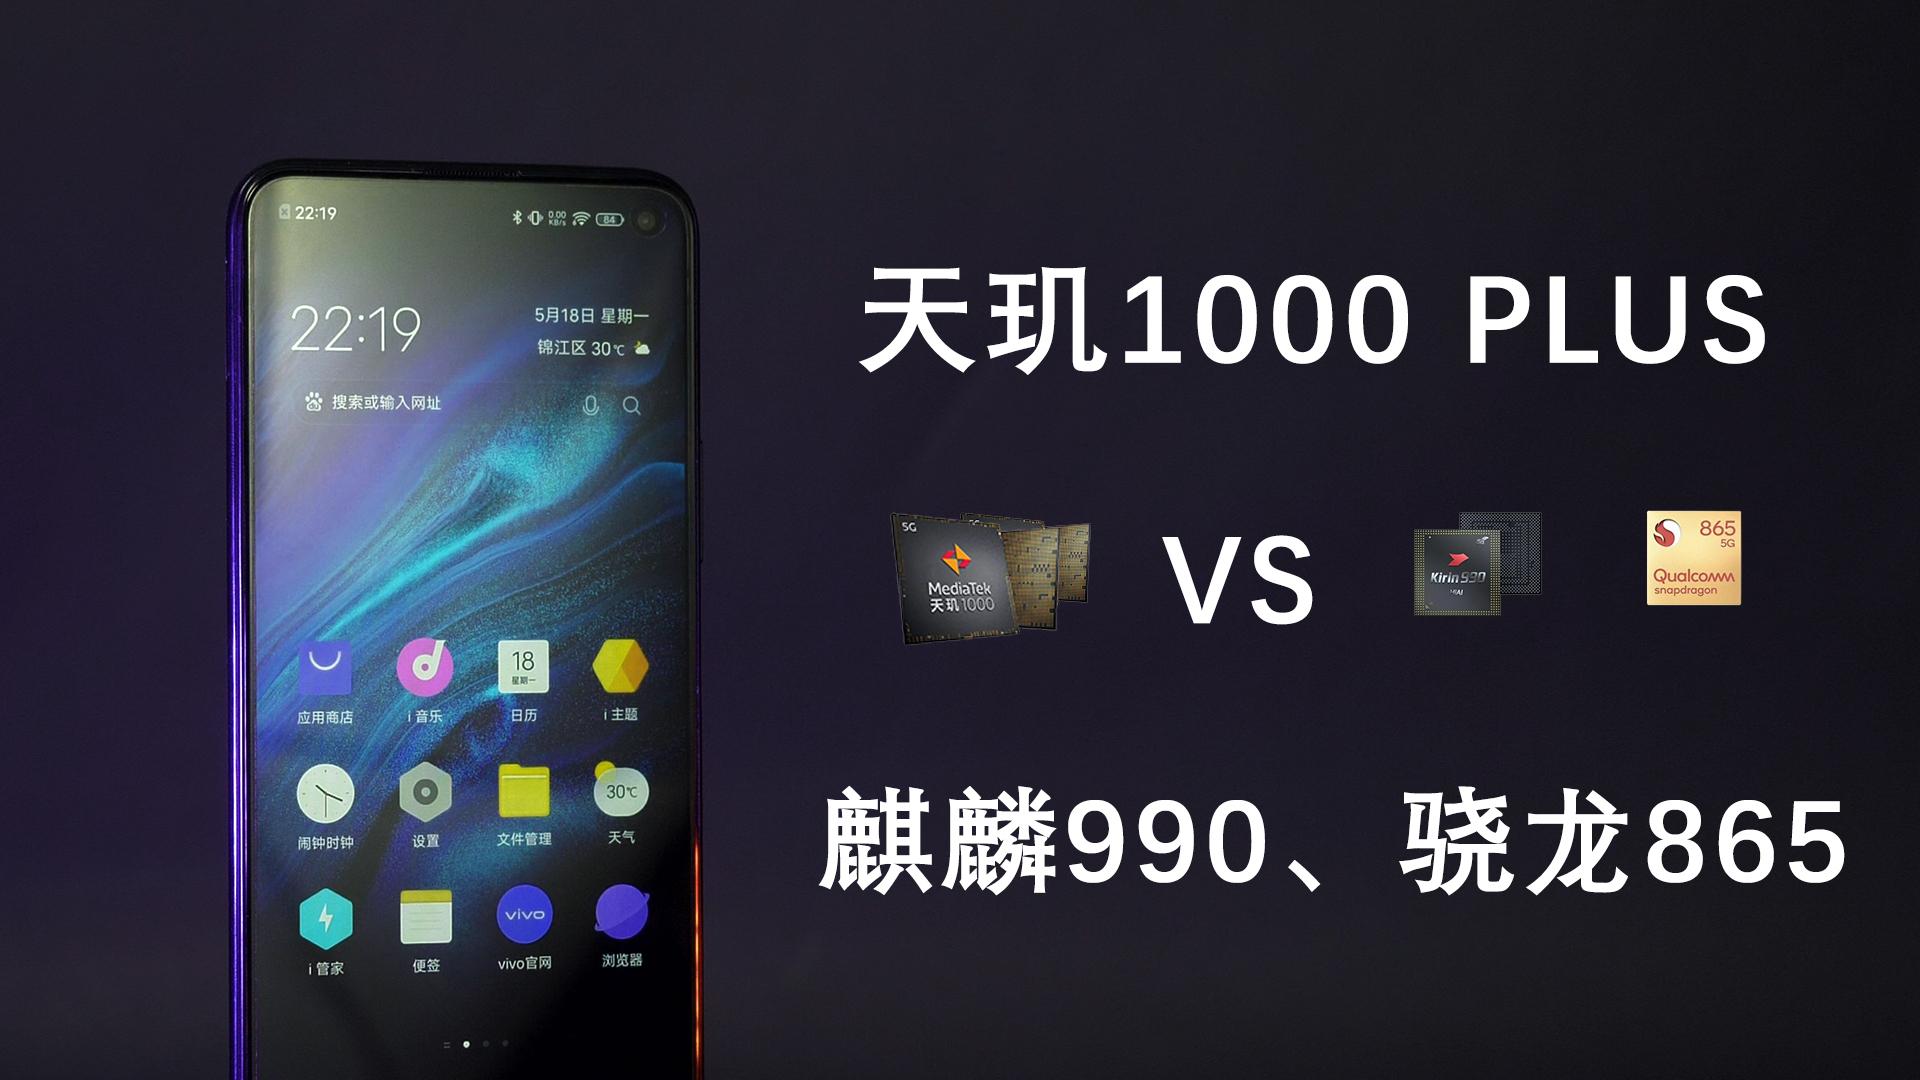 天玑1000Plus对战麒麟990、骁龙865!iQOO Z1开箱评测